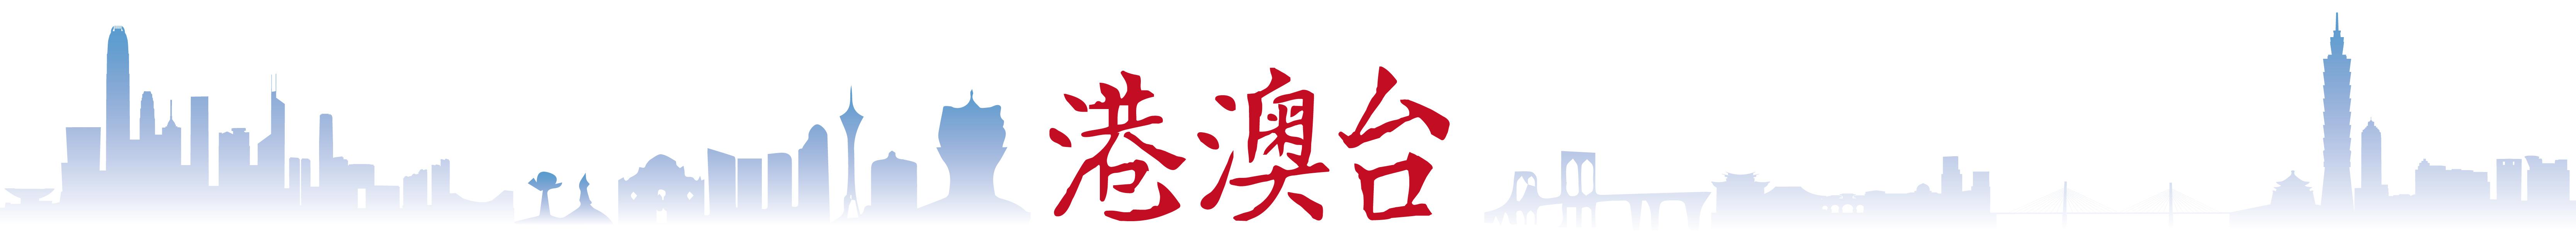 """传所罗门群岛要与台湾""""断交"""",蔡英文当局为何能如此地""""淡定""""?"""